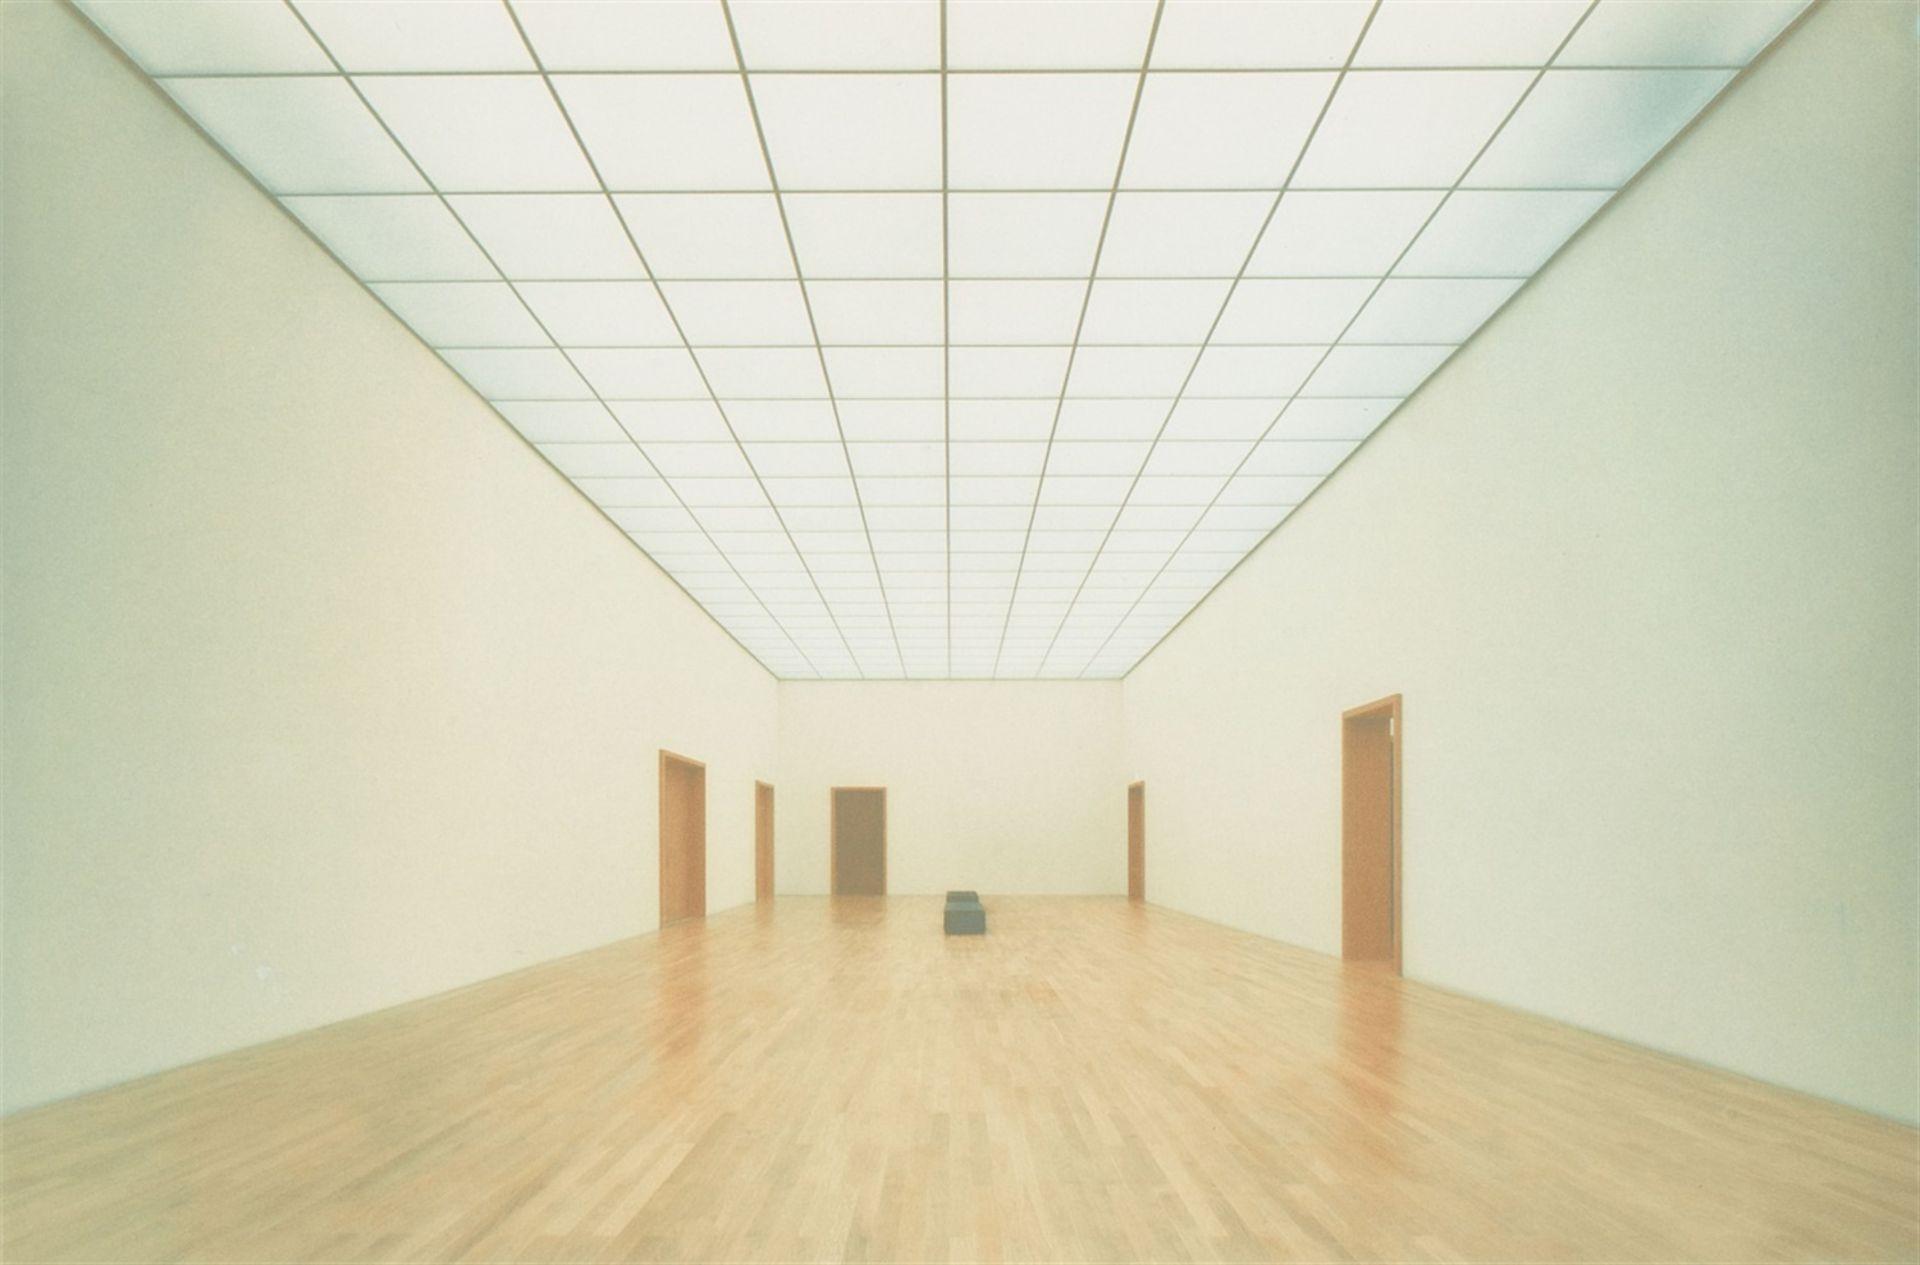 Elmgreen & DragsetOhne Titel (aus der Serie: Deutsche Museen) - Bild 8 aus 8